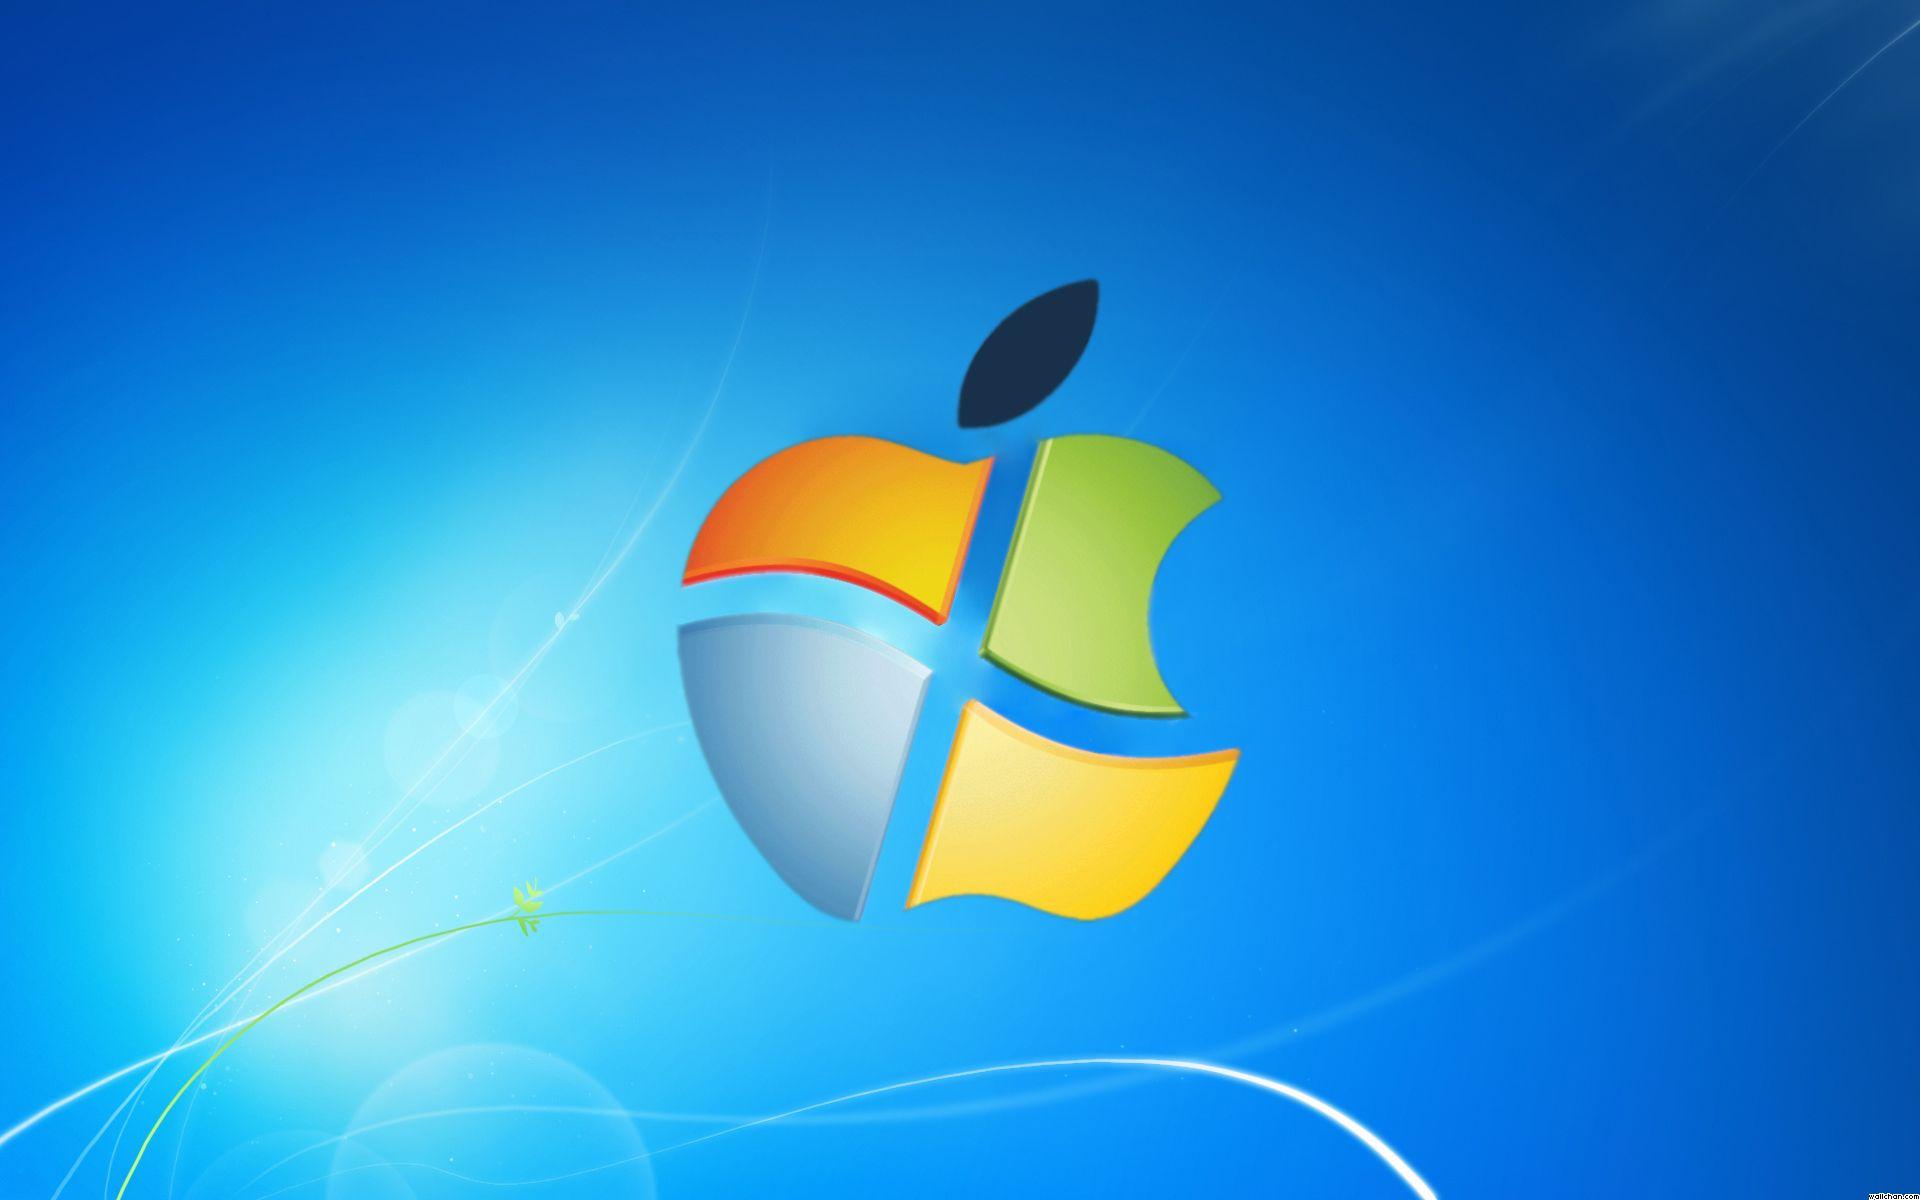 Mac Wallpaper for Windows - WallpaperSafari